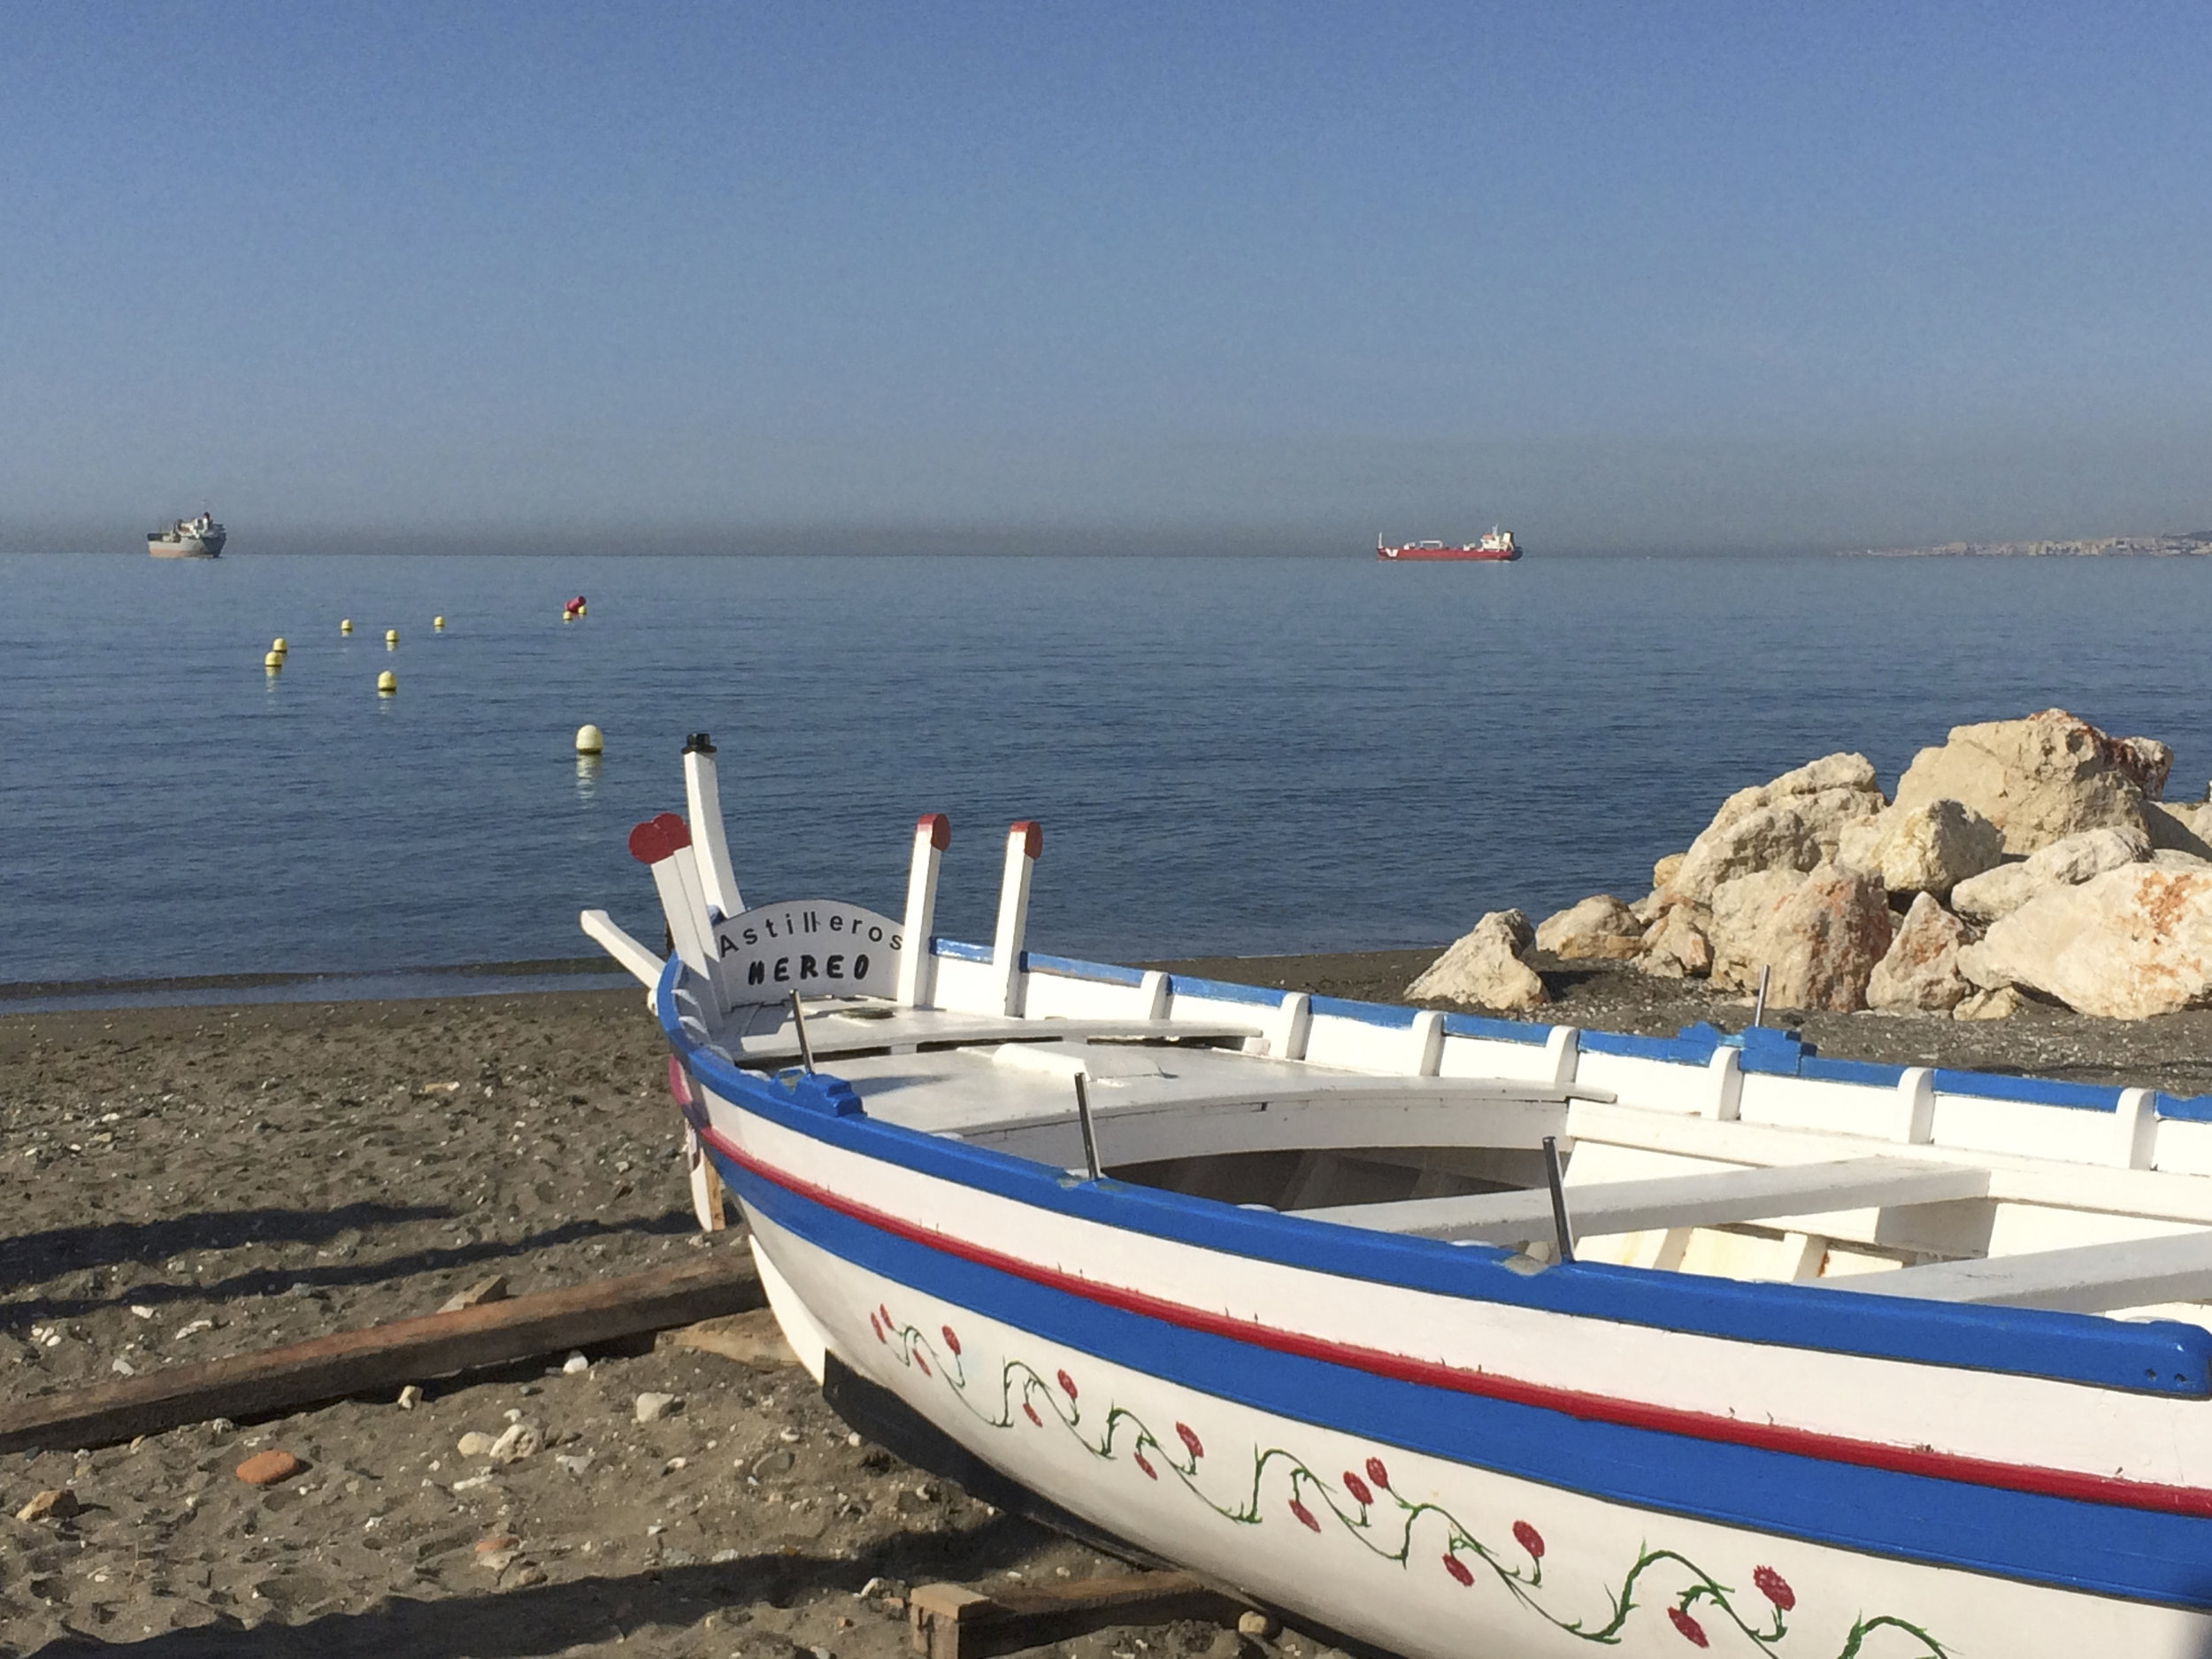 Barques traditionnelles du village de pêcheurs de Pedregalejo